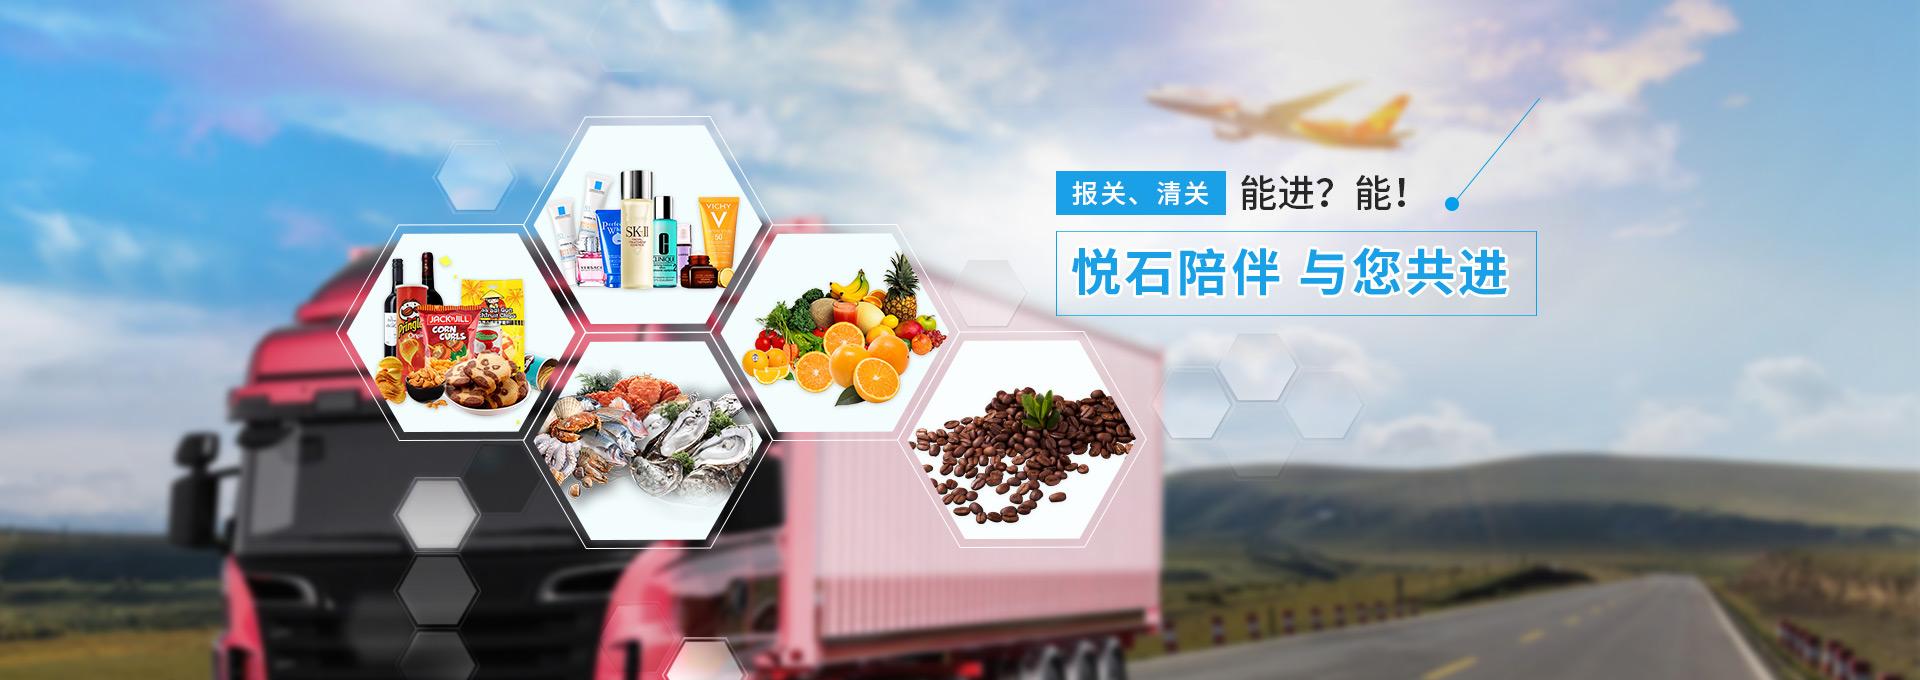 上海悦石进出口有限公司